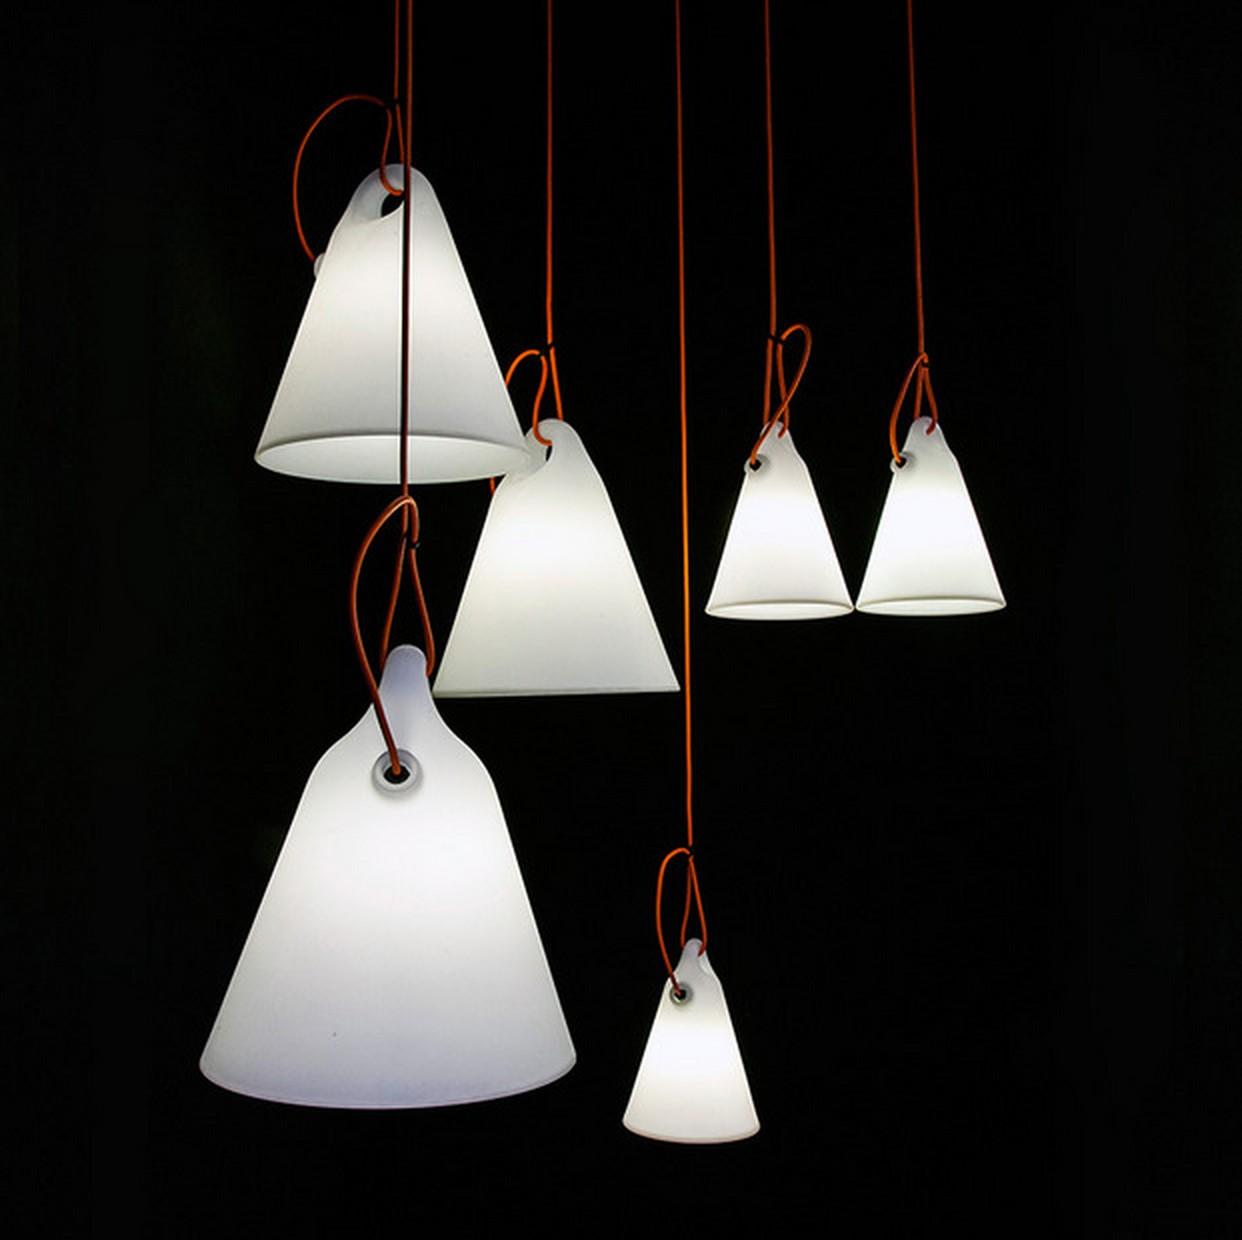 trully lampe 2 blog d co design. Black Bedroom Furniture Sets. Home Design Ideas